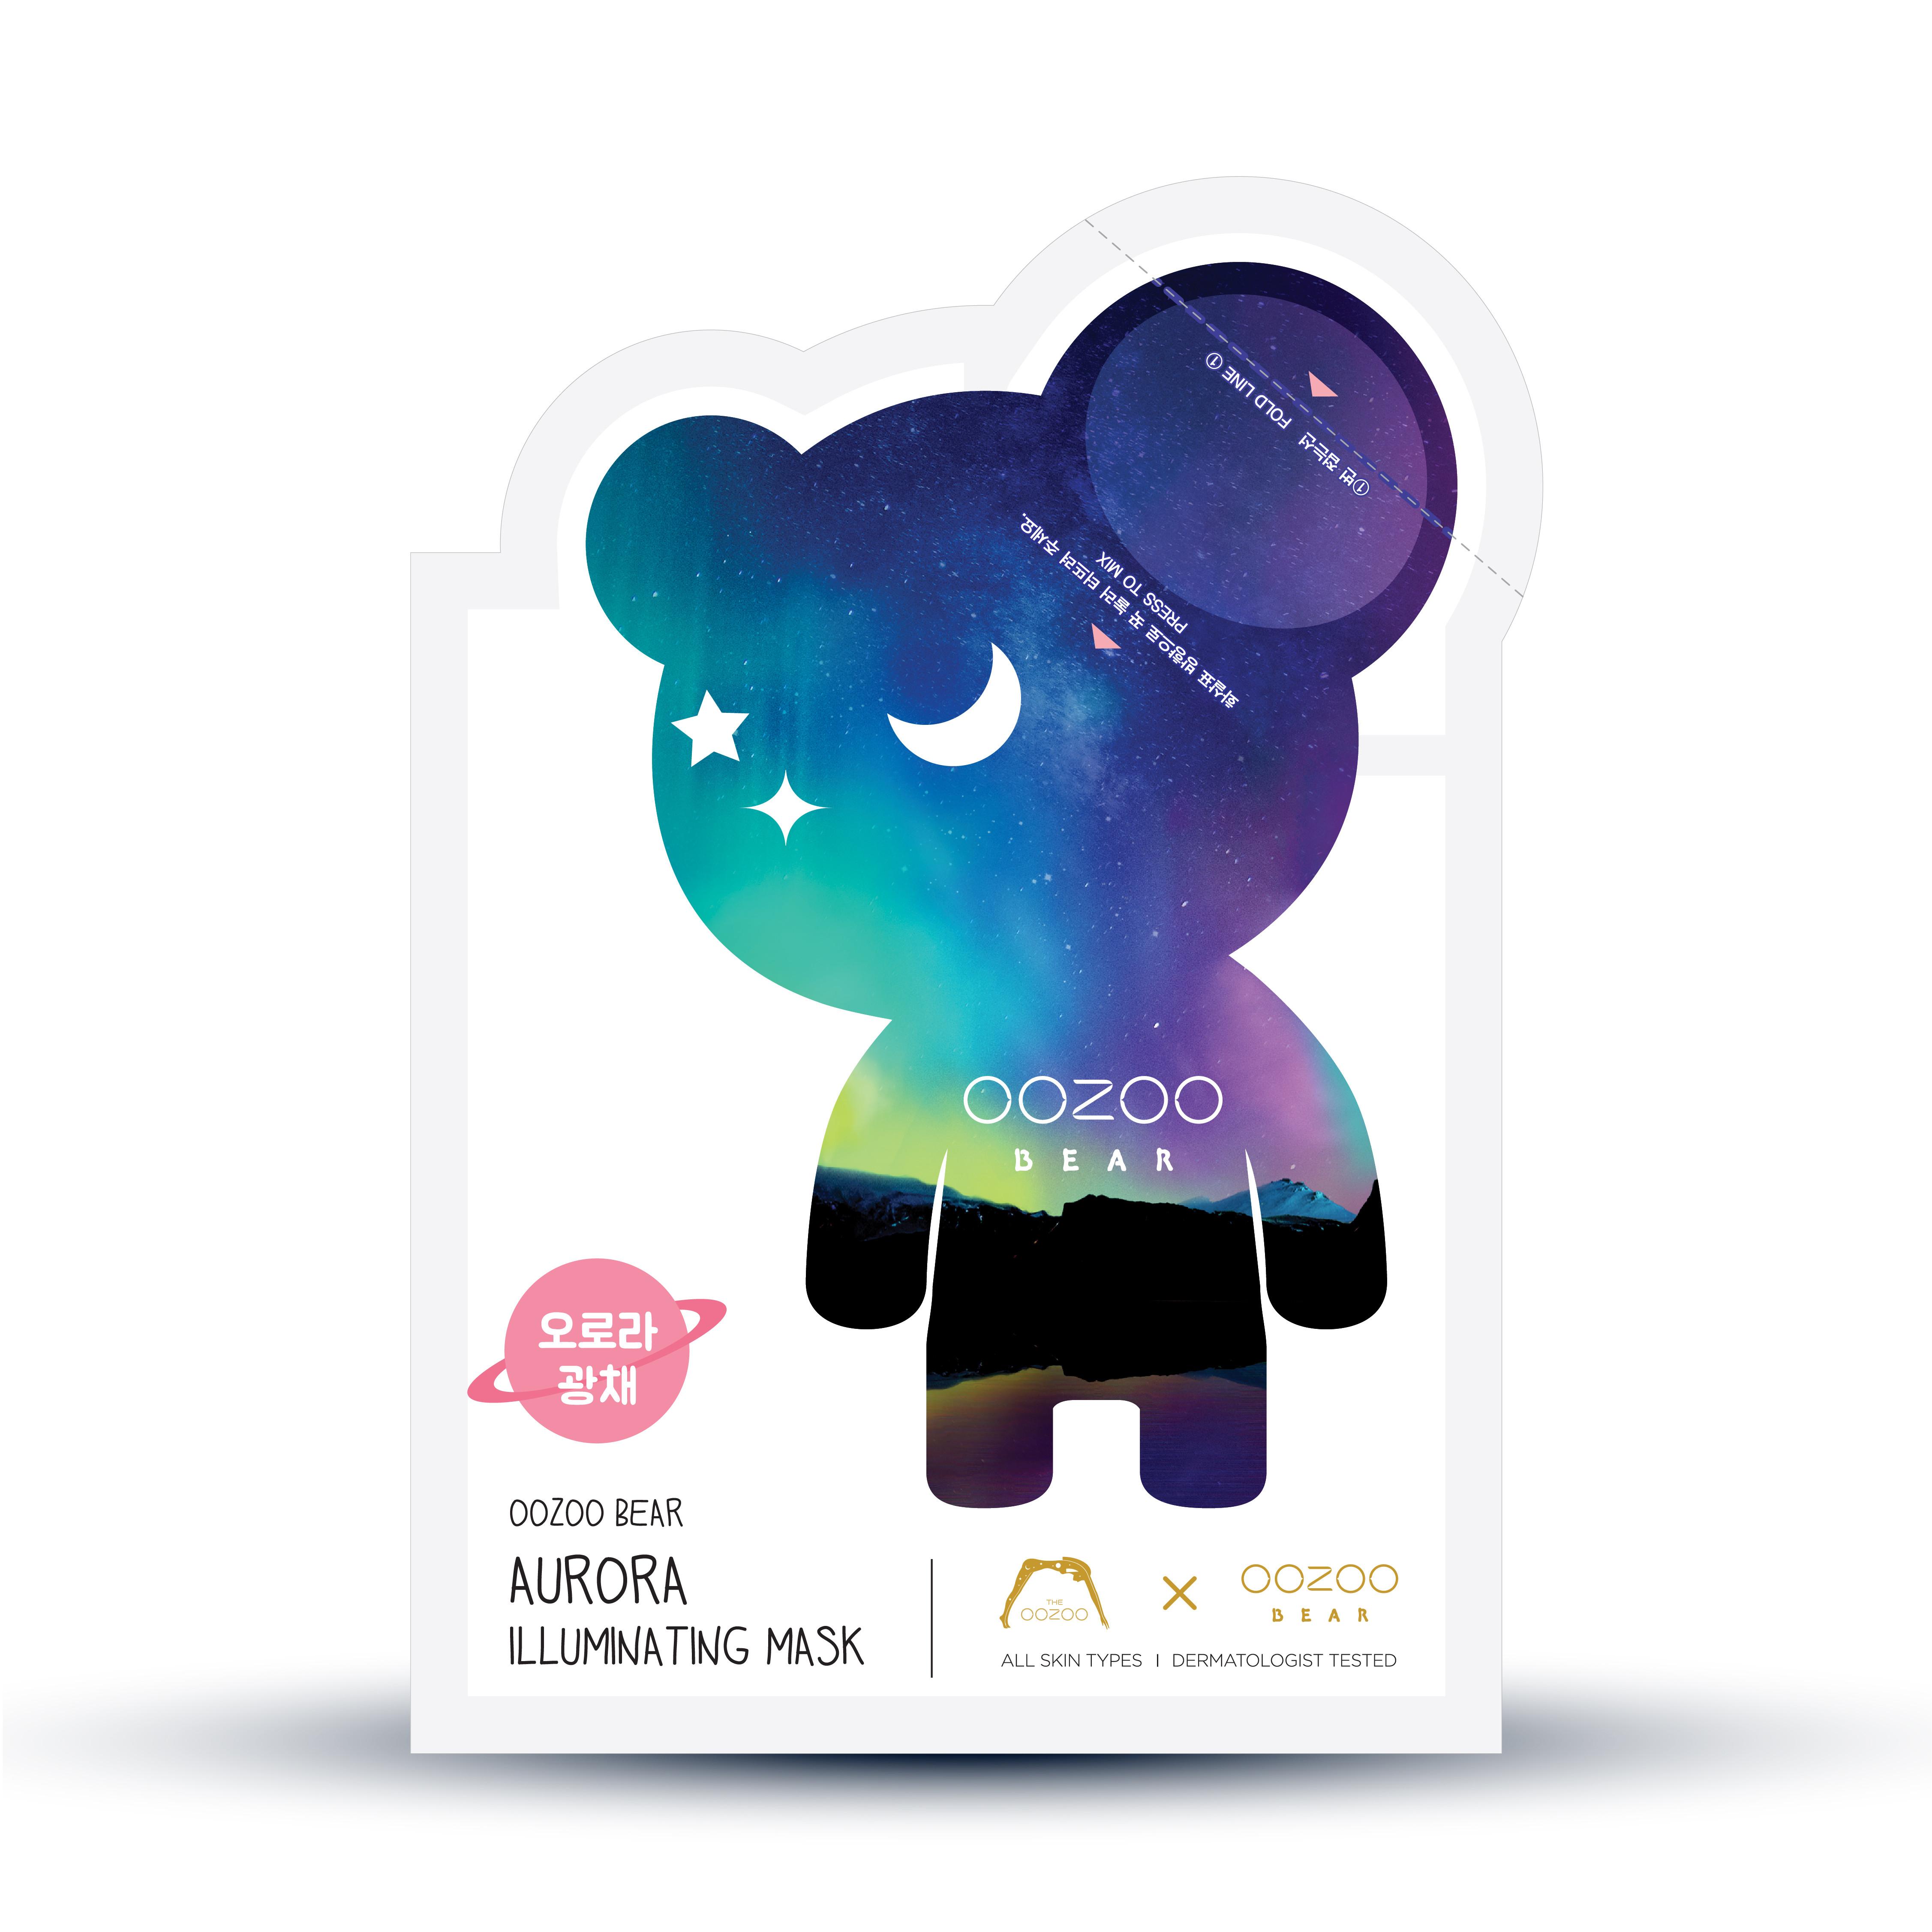 Mặt Nạ Dưỡng Da Hàn Quốc Tinh Chất Tươi Tai Gấu THE OOZOO Aurora Illuminating